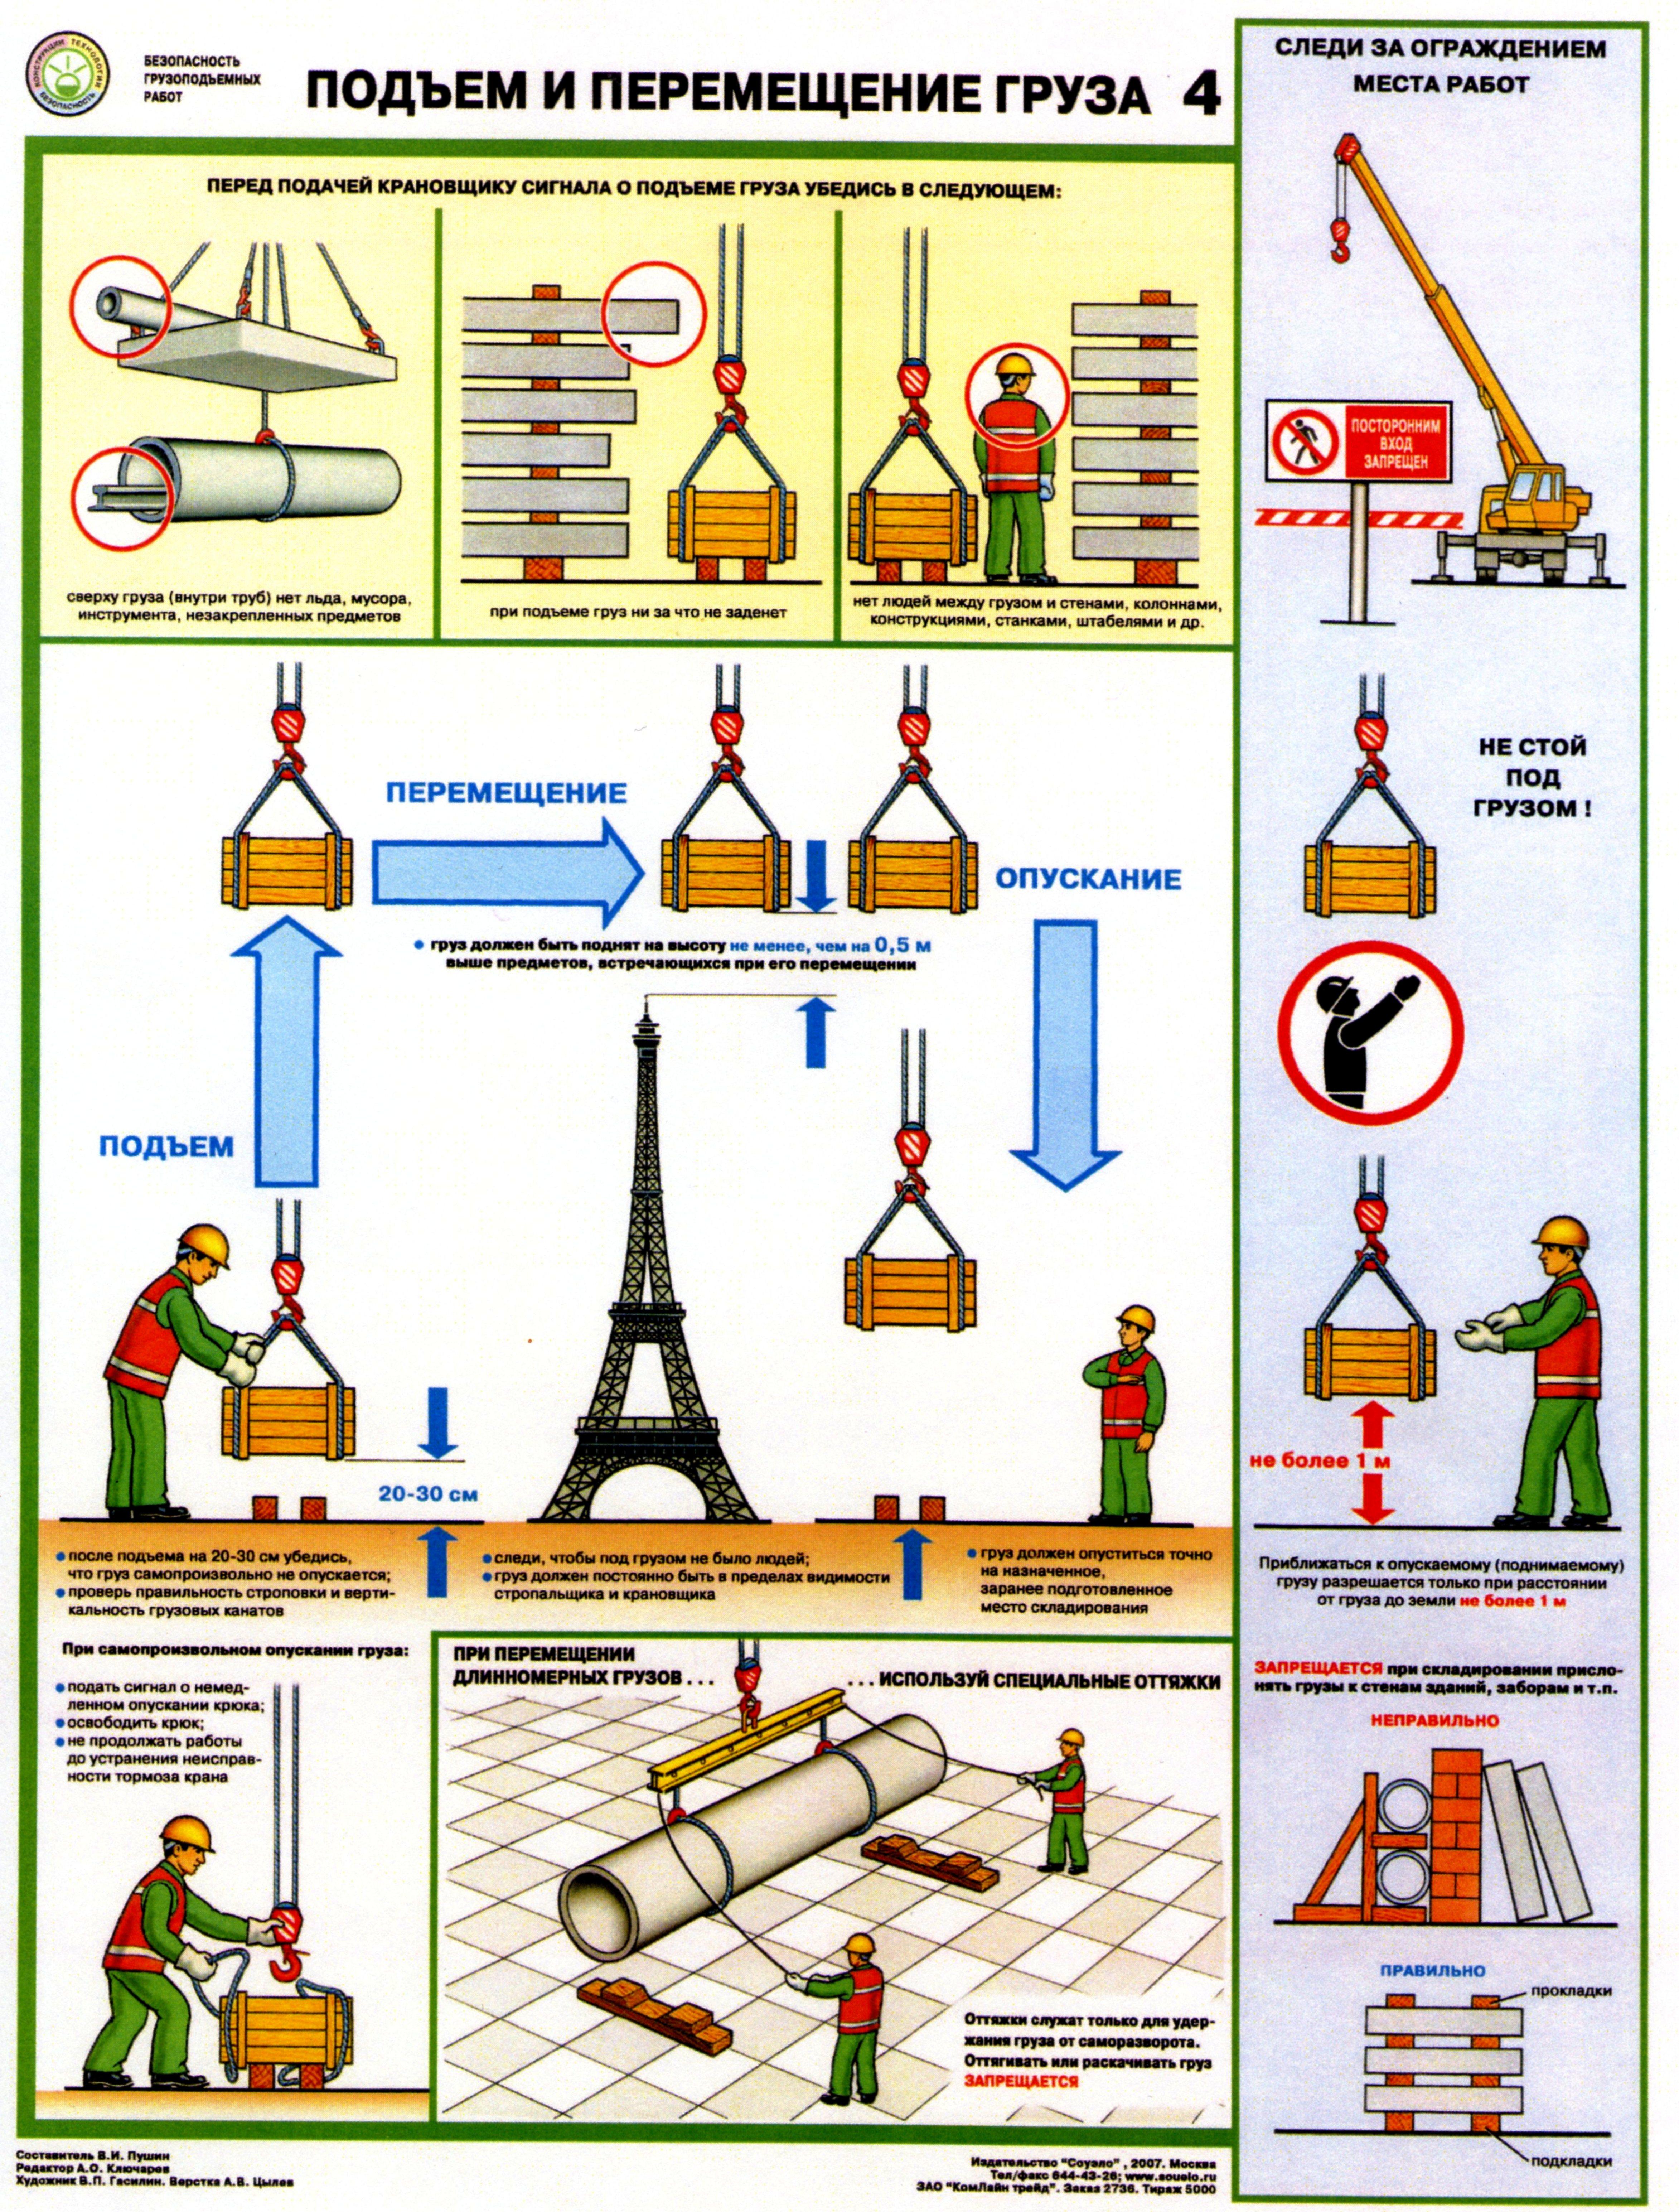 духового шкафа gorenje bo73cli инструкция по применению